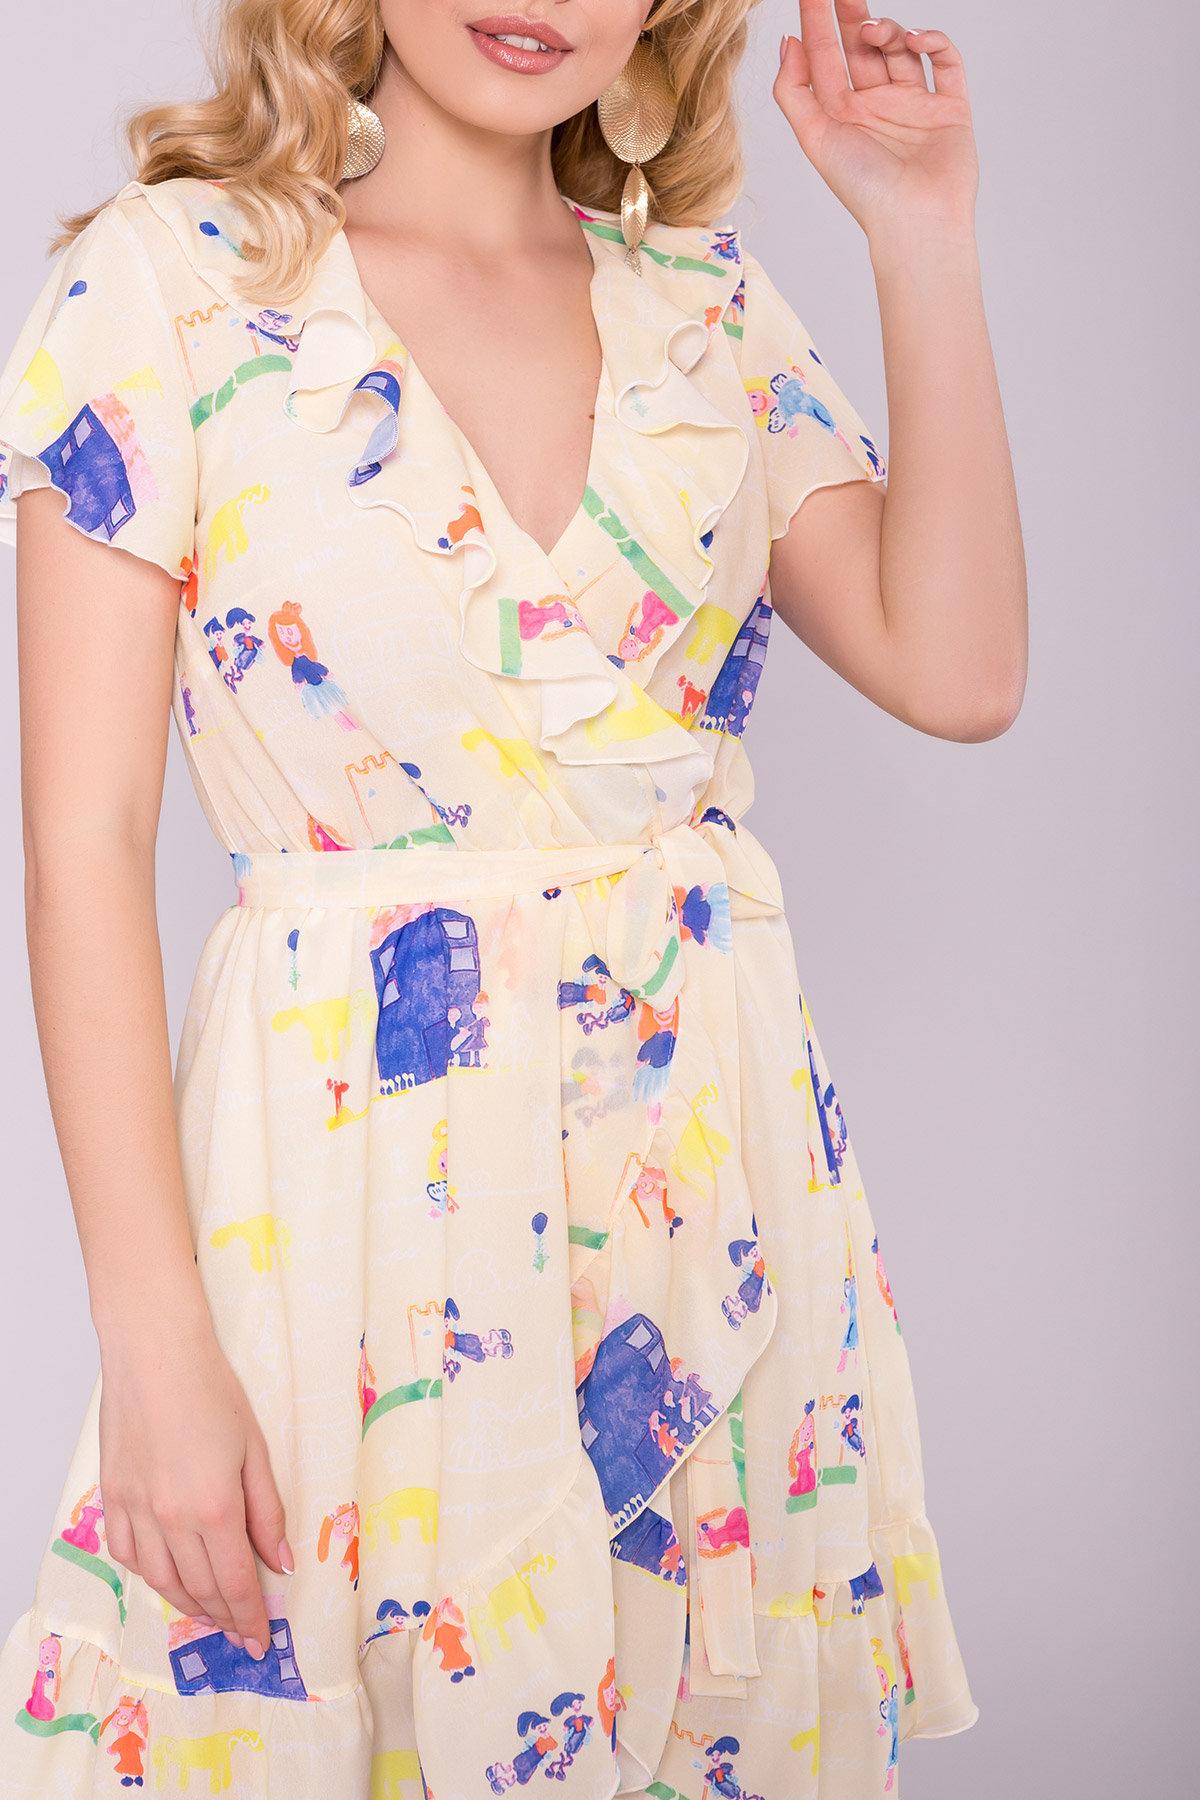 Платье Лигра 7096 АРТ. 42436 Цвет: Лимон дет.рис.14/3 - фото 4, интернет магазин tm-modus.ru